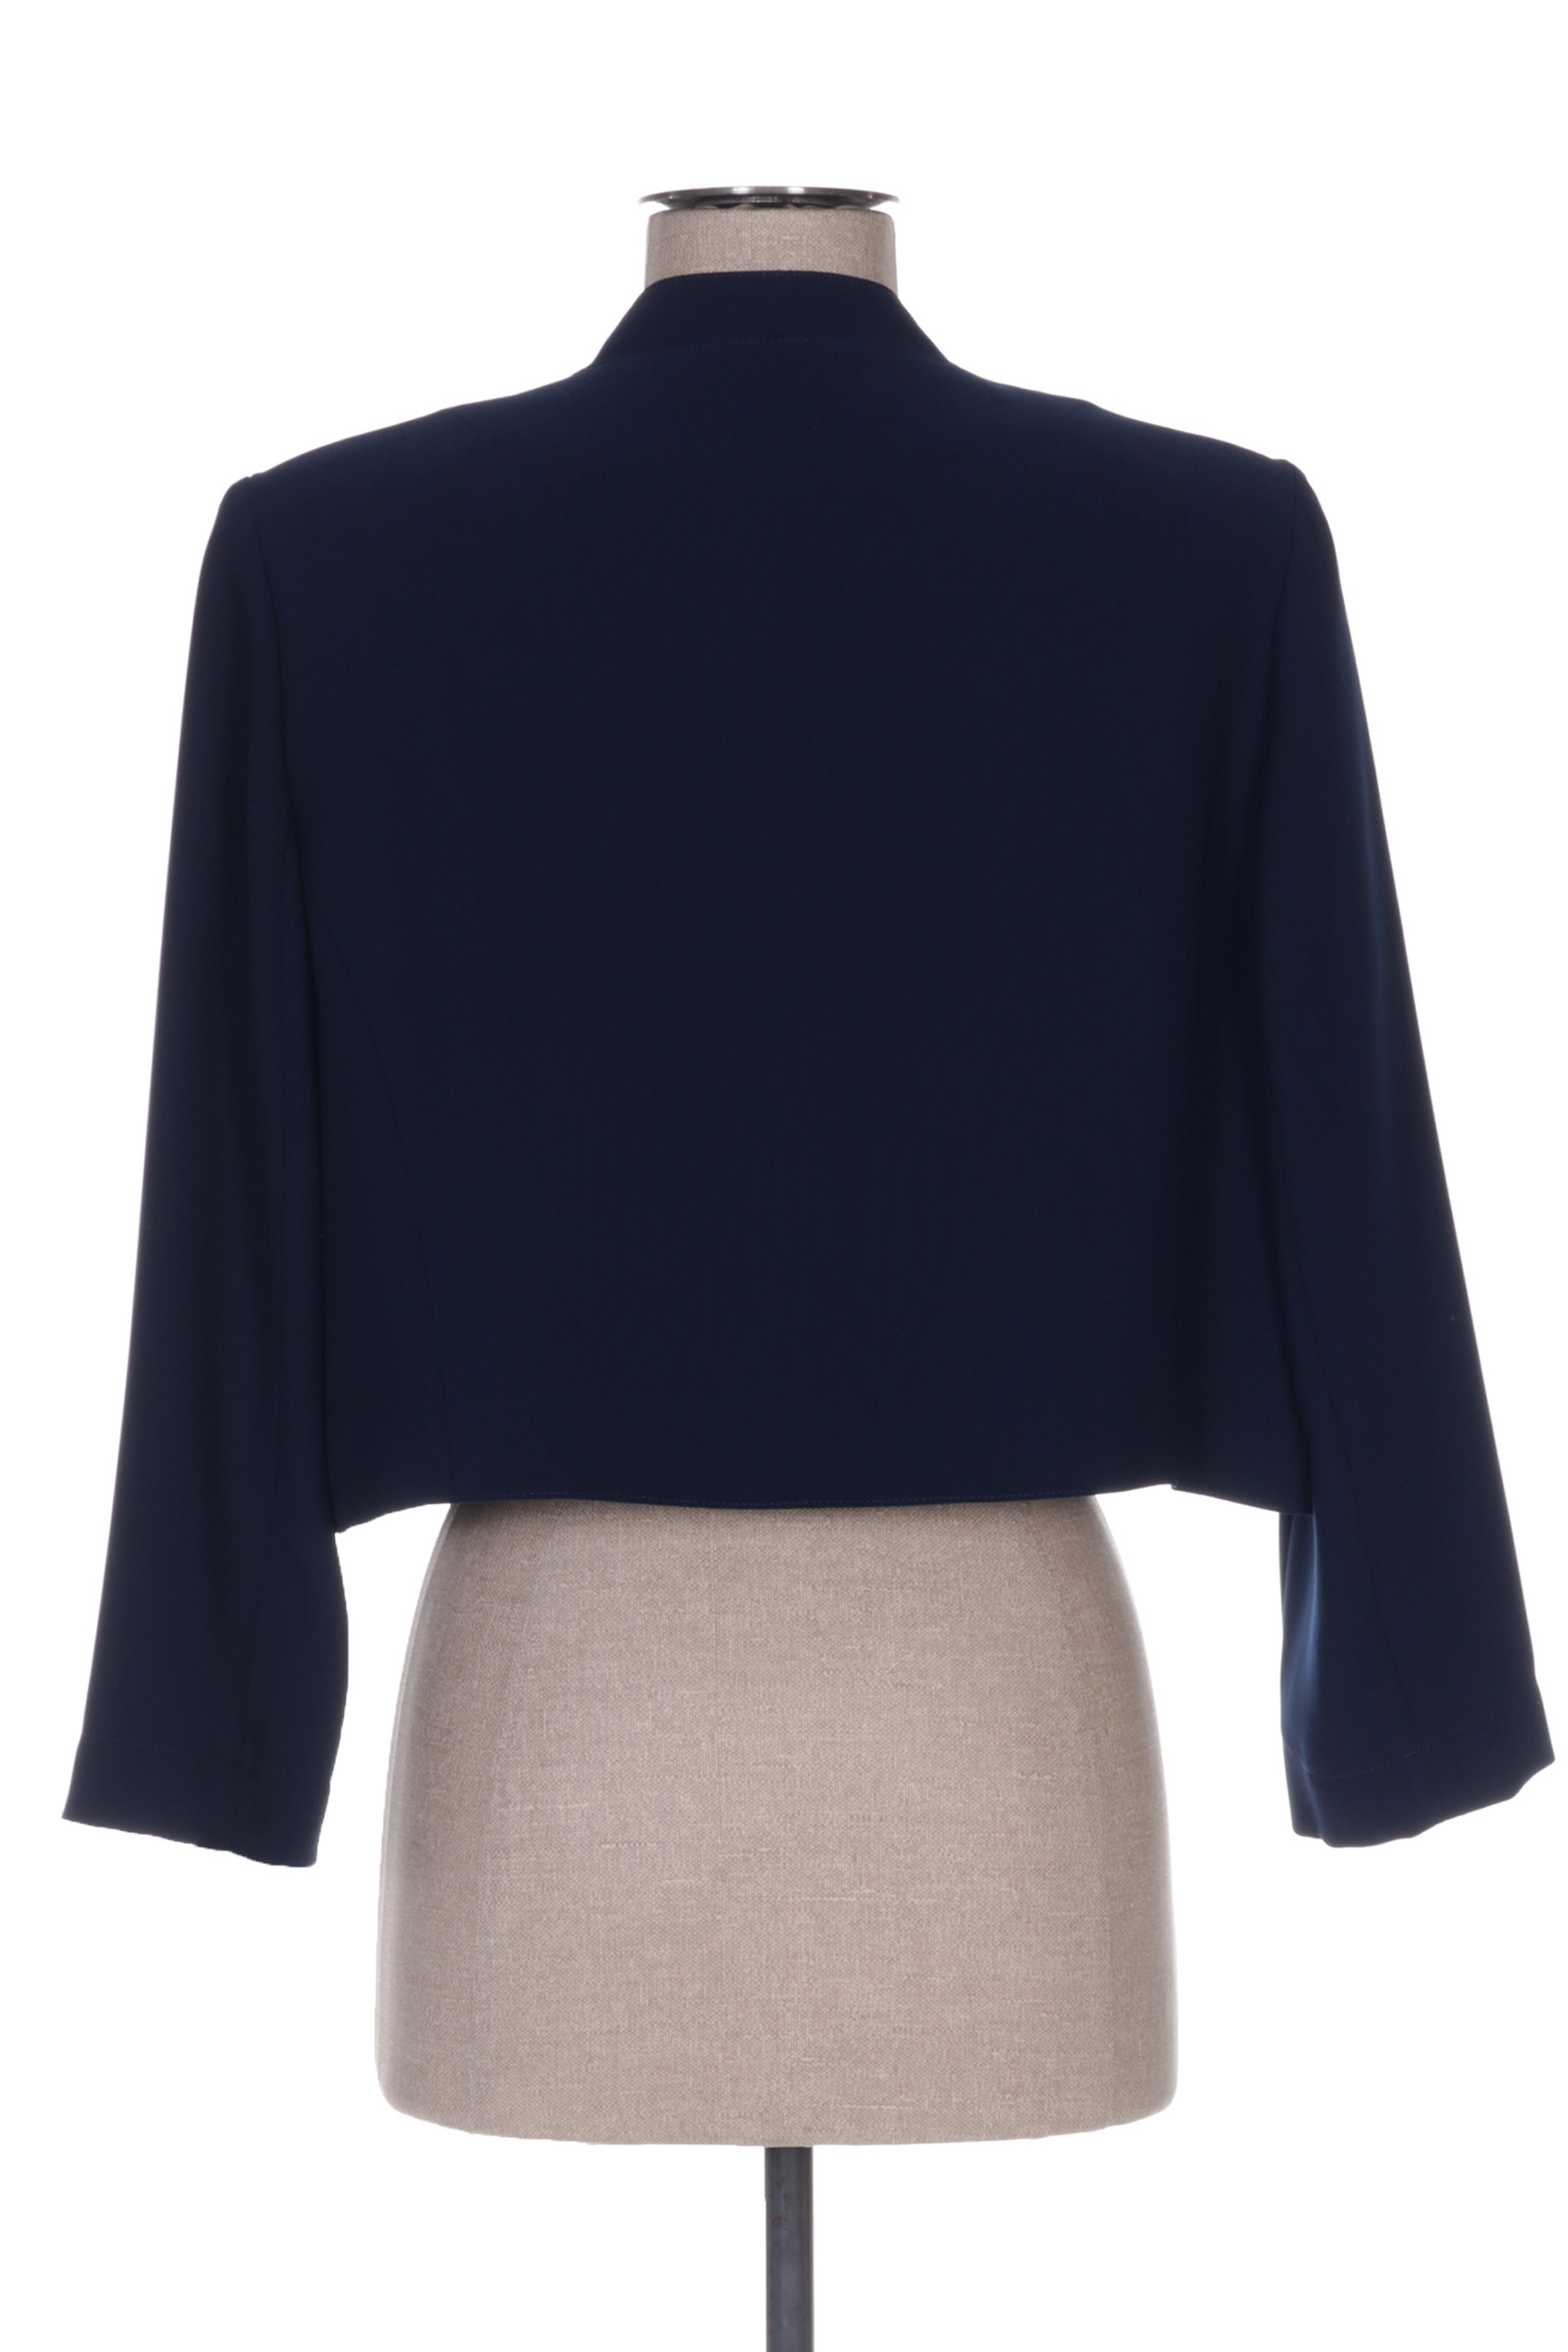 Anne Kelly Vestecasual Femme De Couleur Bleu En Soldes Pas Cher 1423045-bleu00